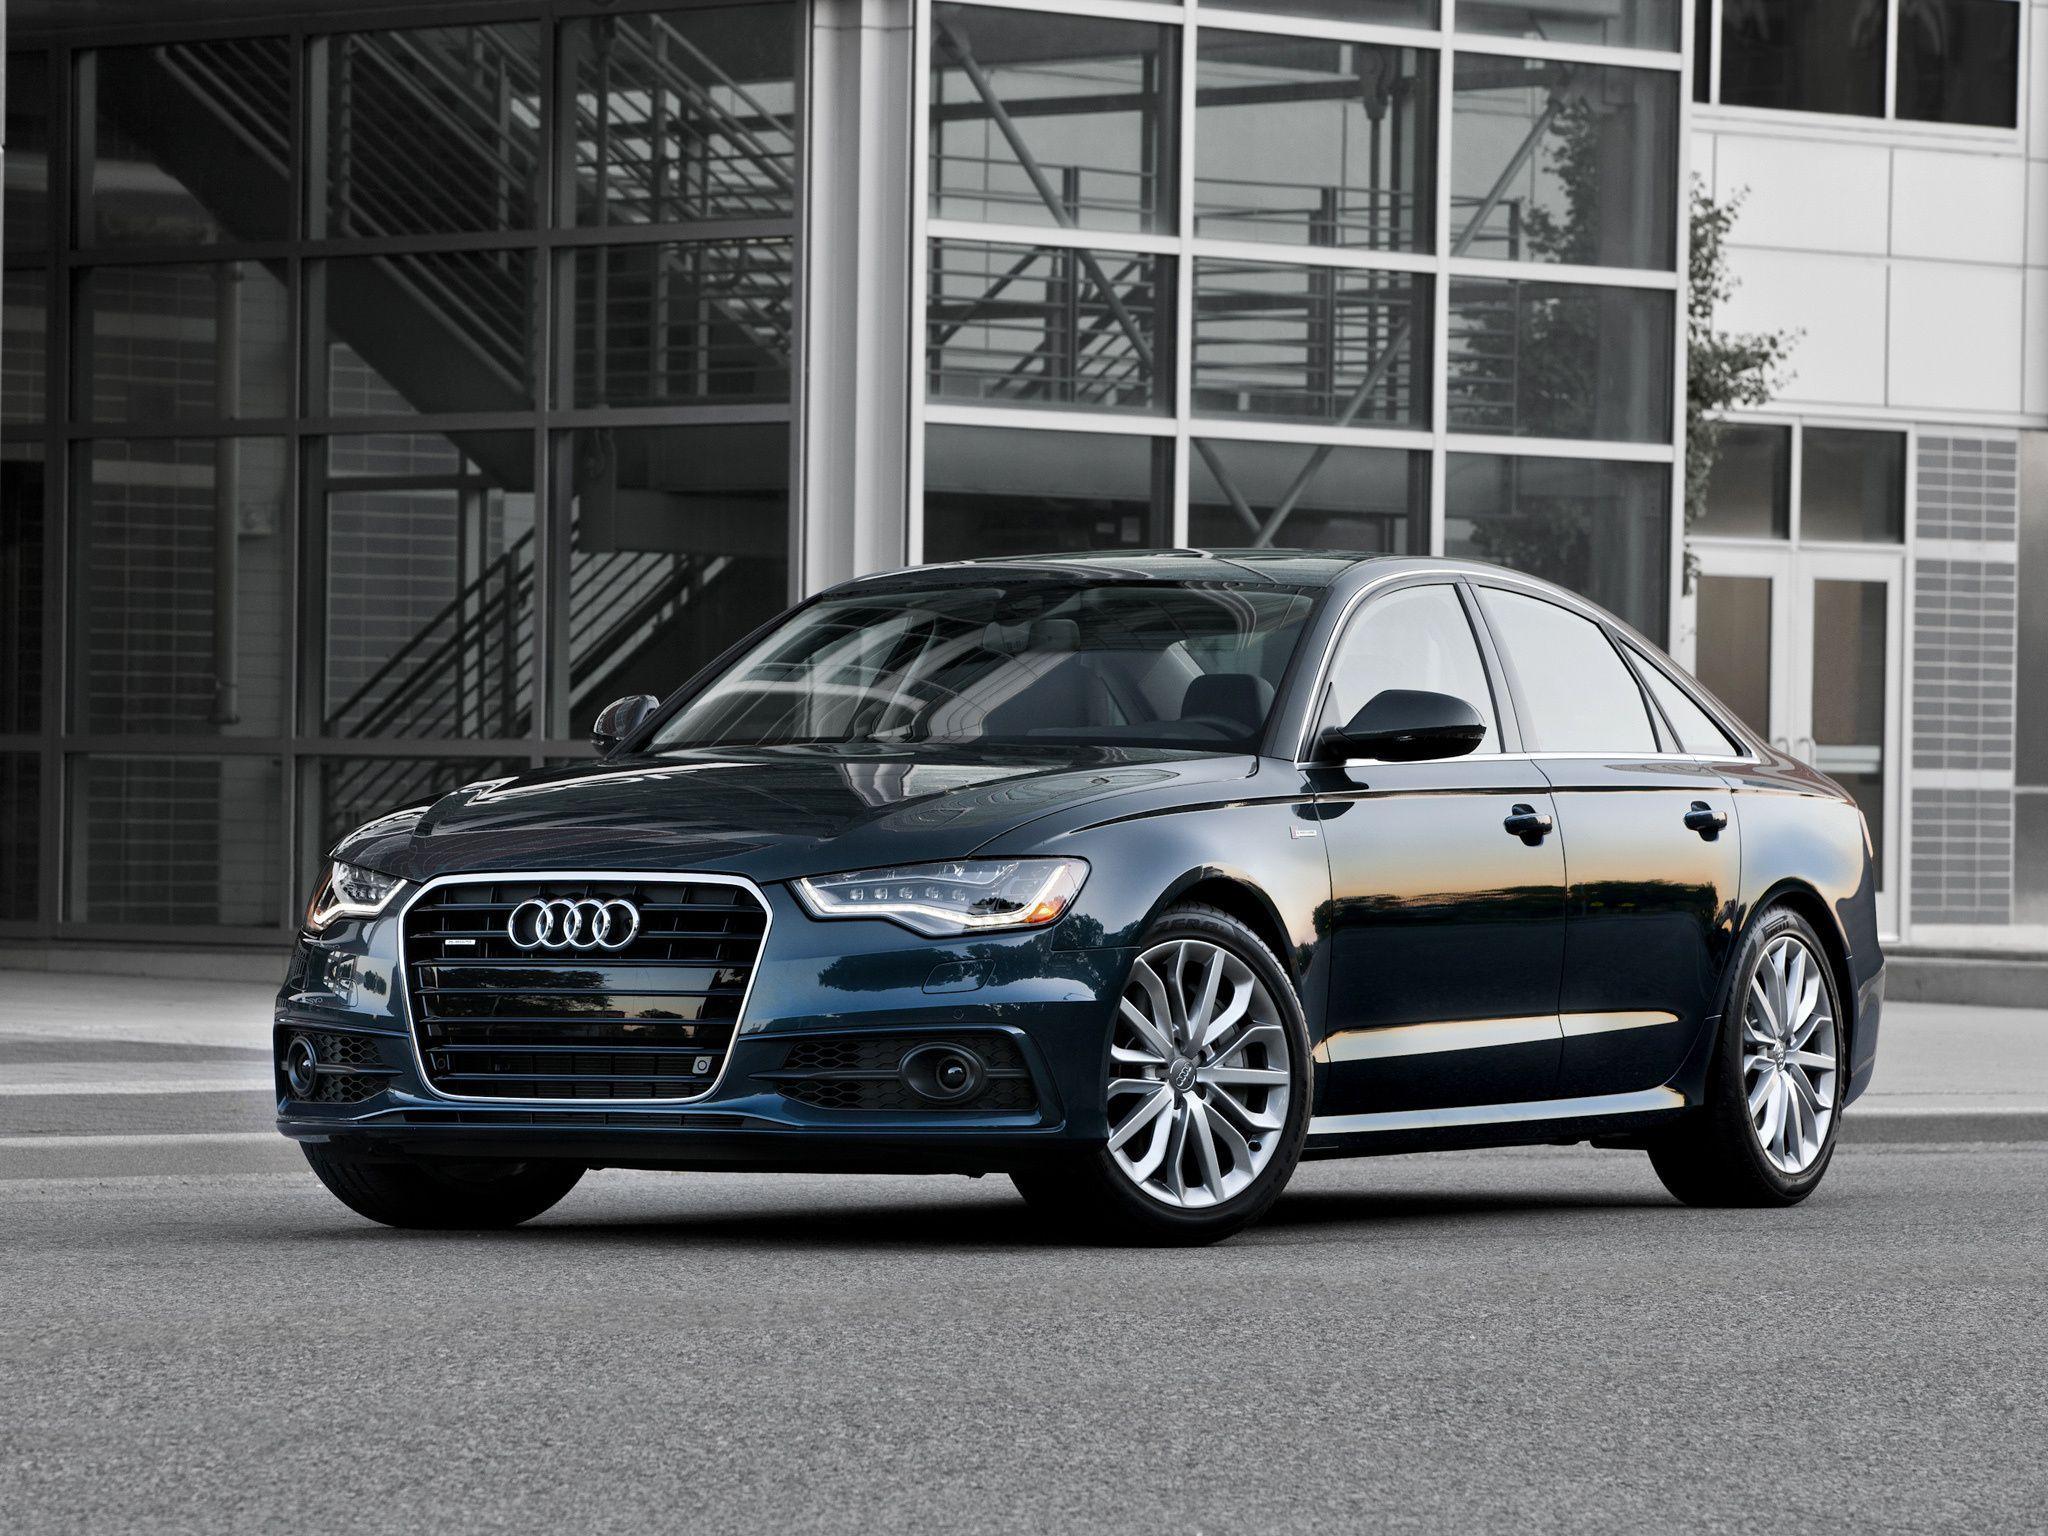 Audi A6 Wallpapers Wallpaper Cave